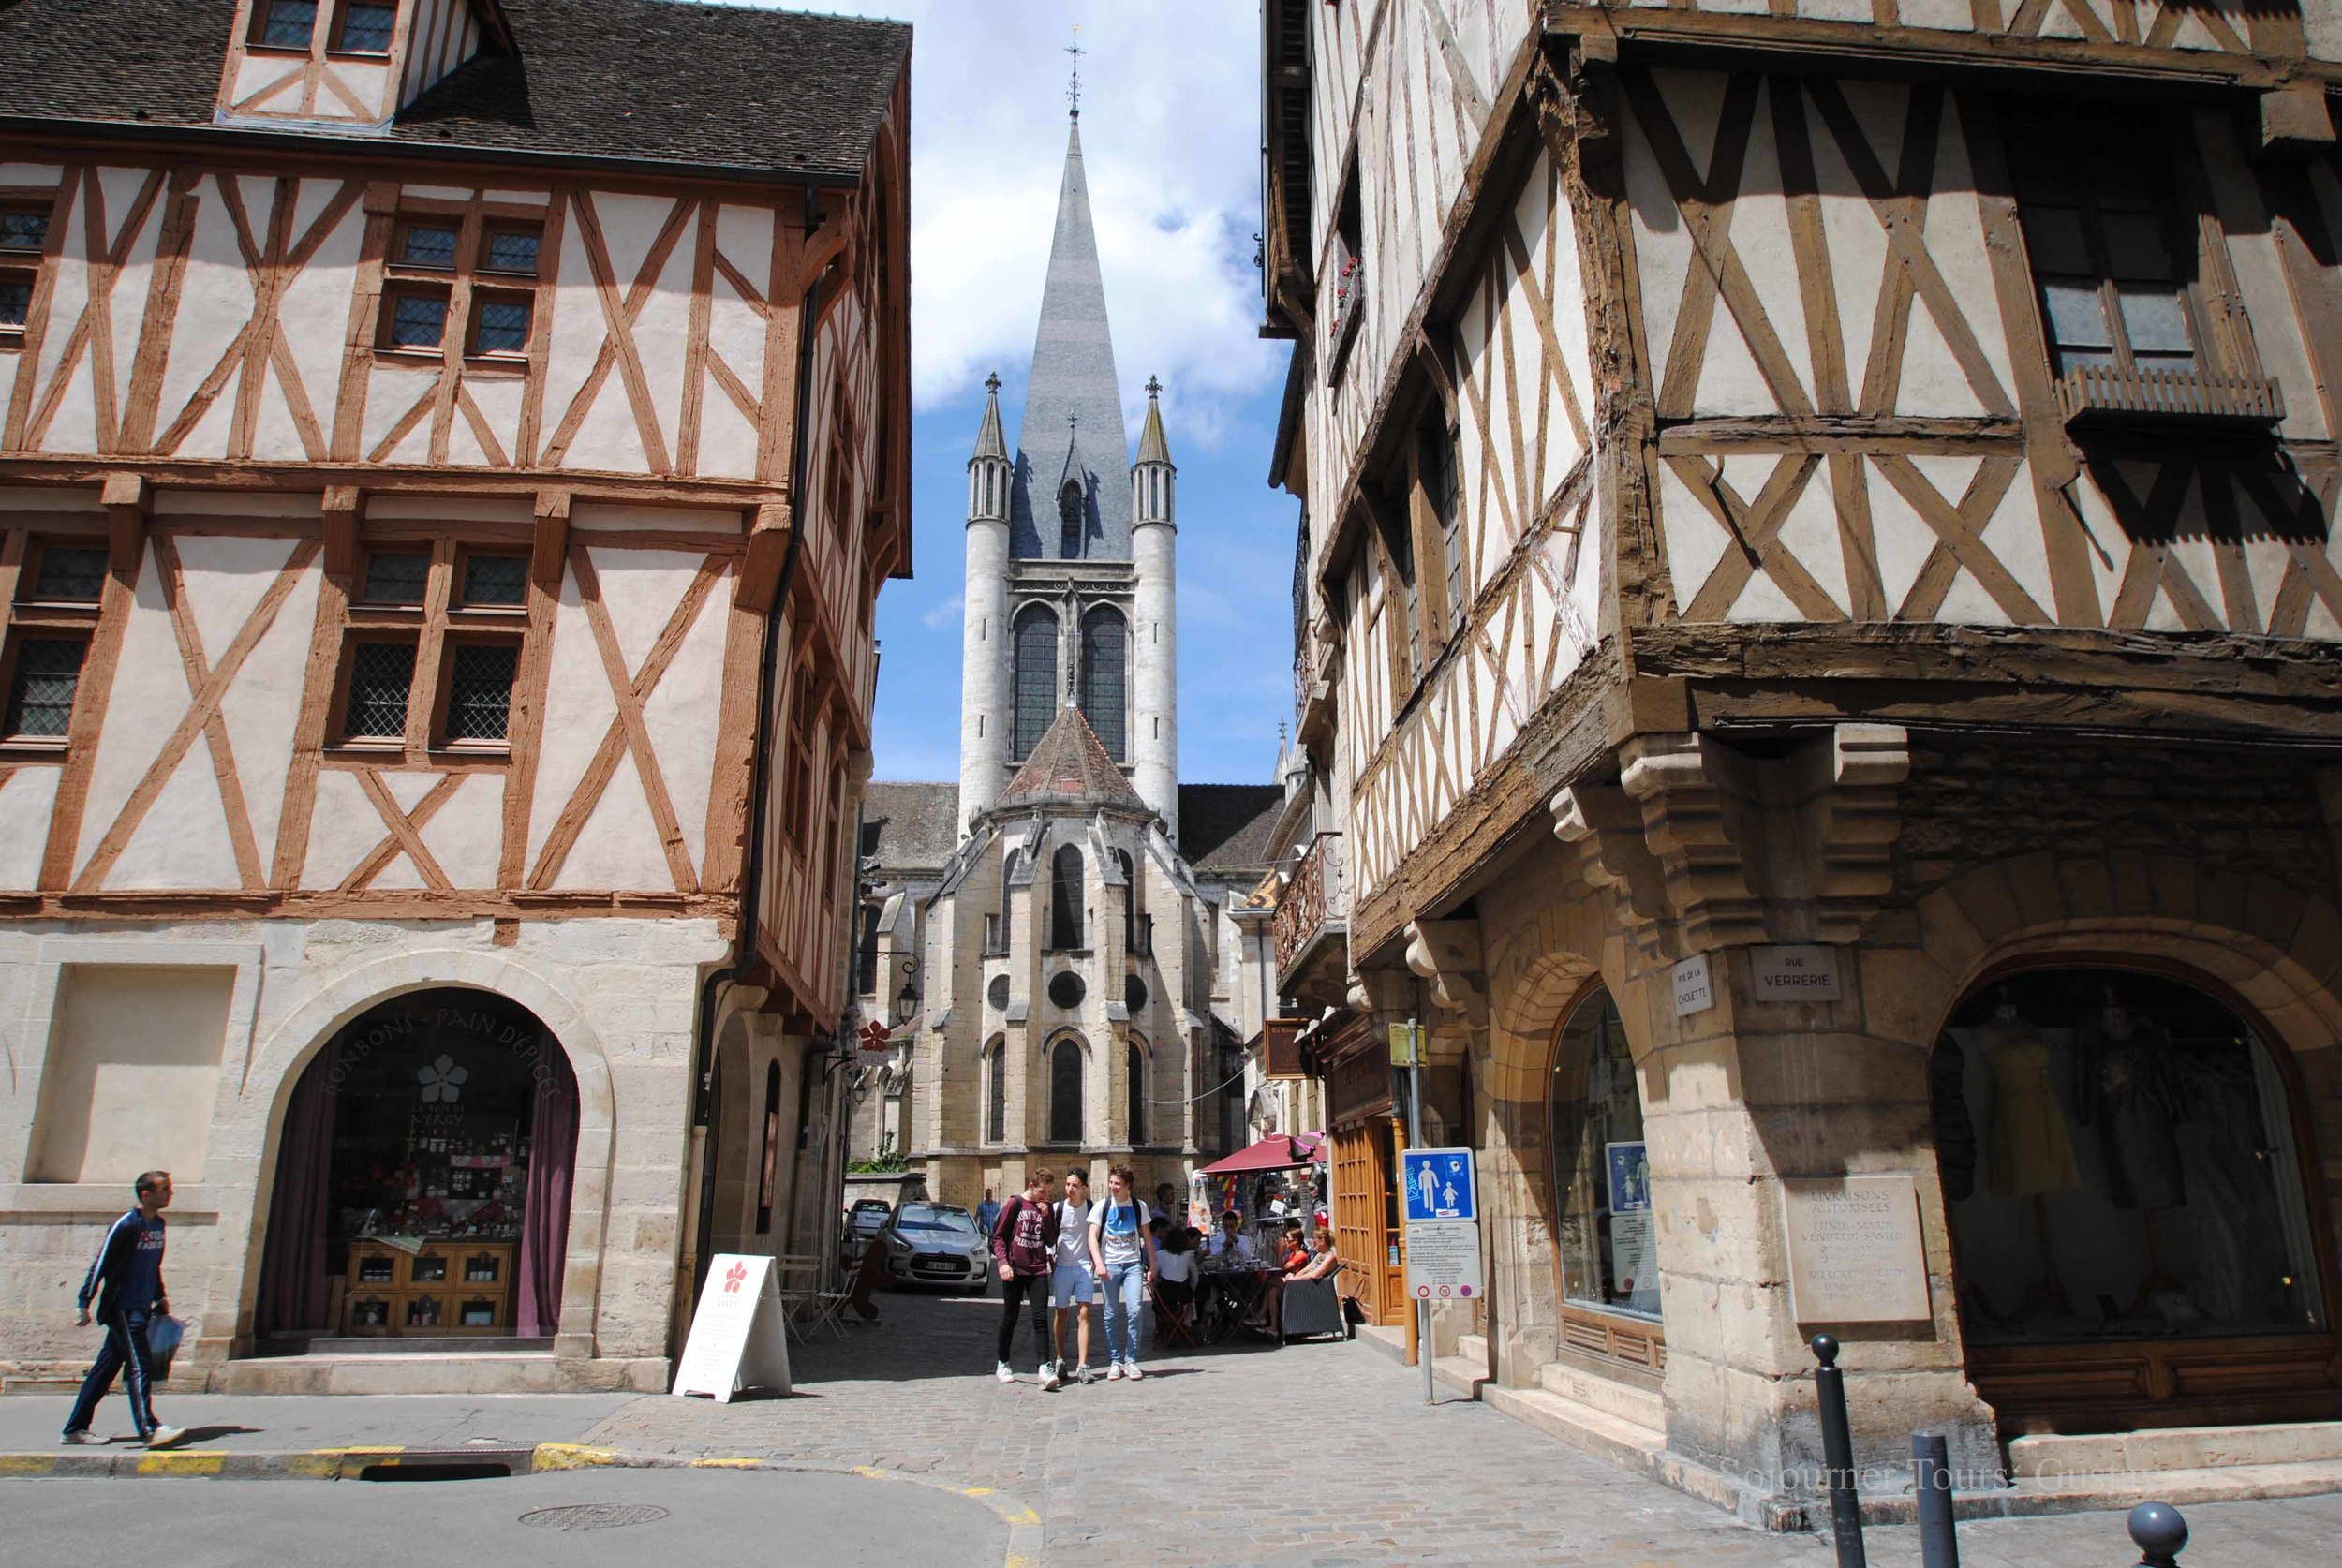 Dijon: Bourgogne, France (Sojourner Tours)